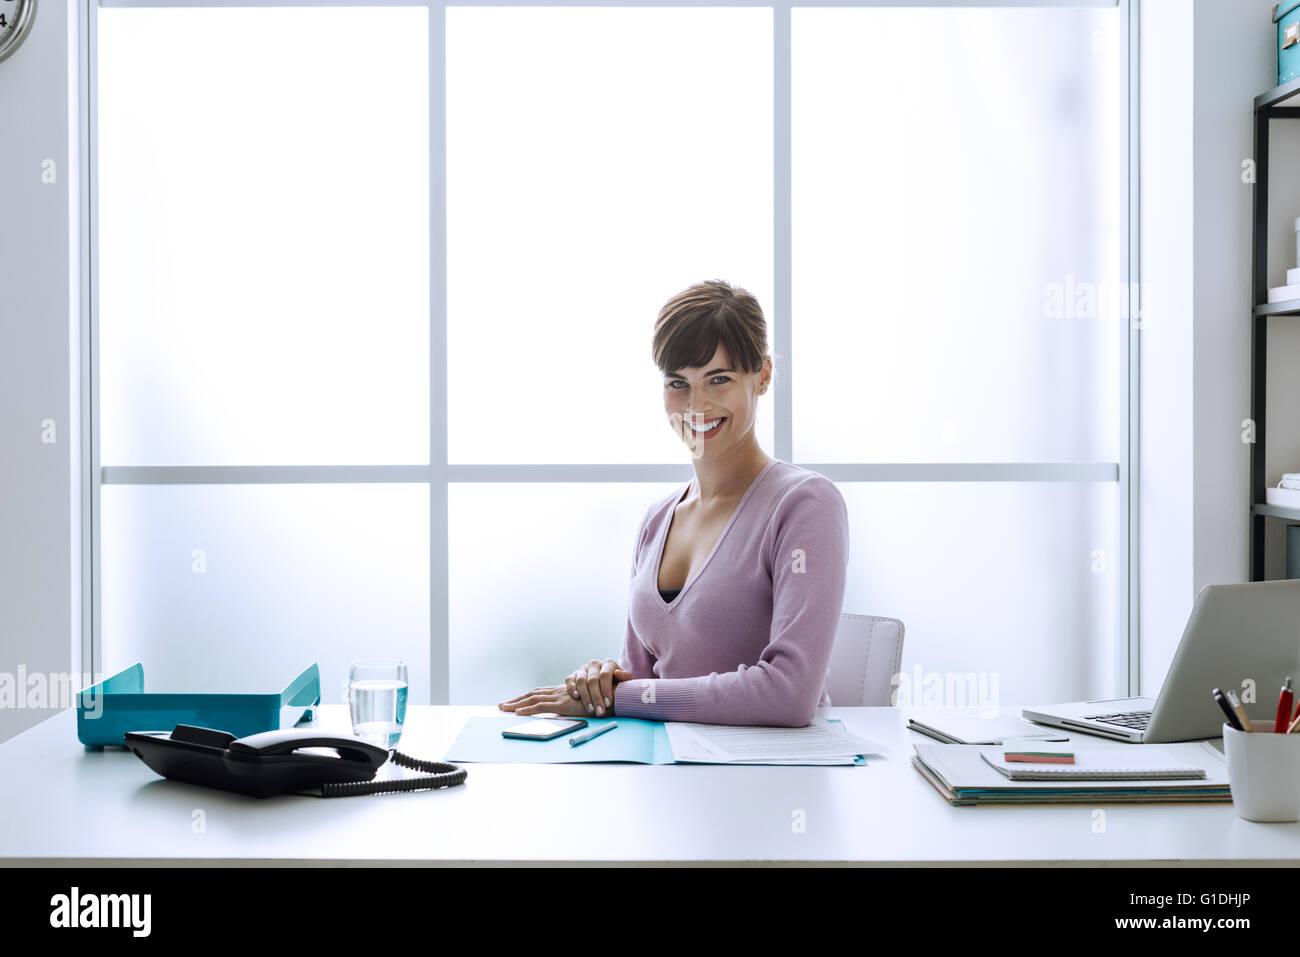 Zuversichtlich lächelnde junge Geschäftsfrau in ihrem Büro, sie ist Blick in die Kamera und am Schreibtisch Stockbild